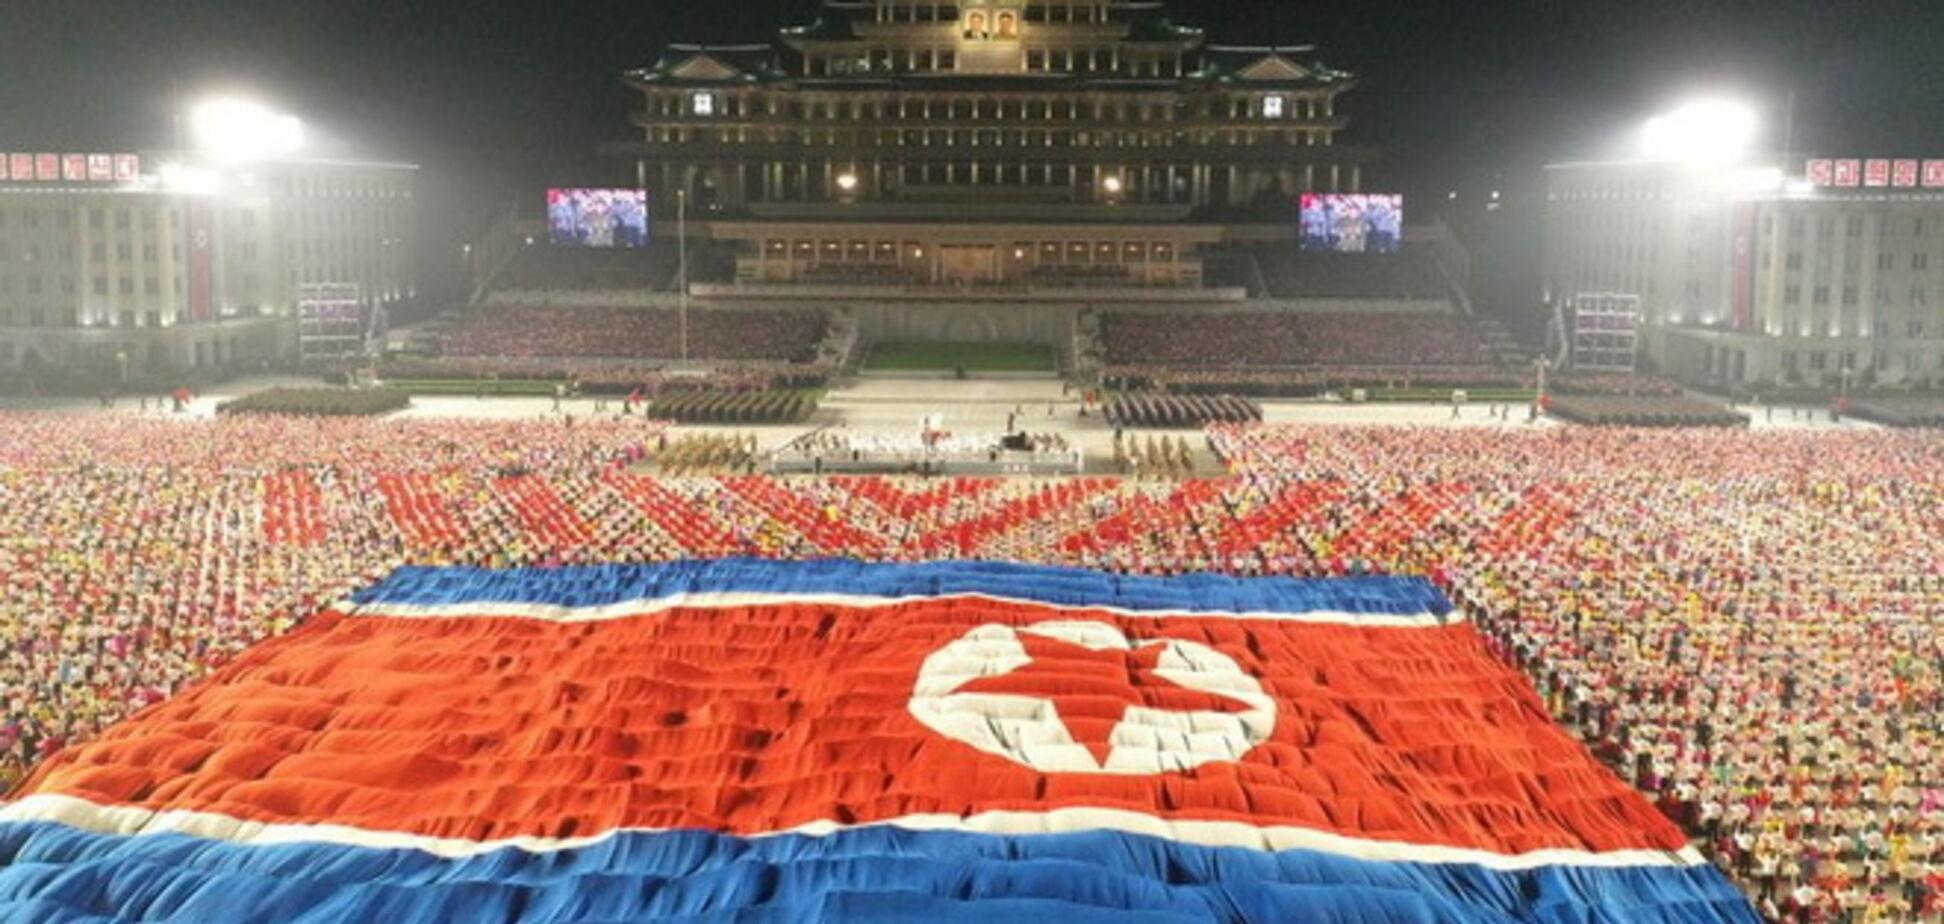 Північна Корея влаштувала нічний парад на 73-тю річницю заснування країни